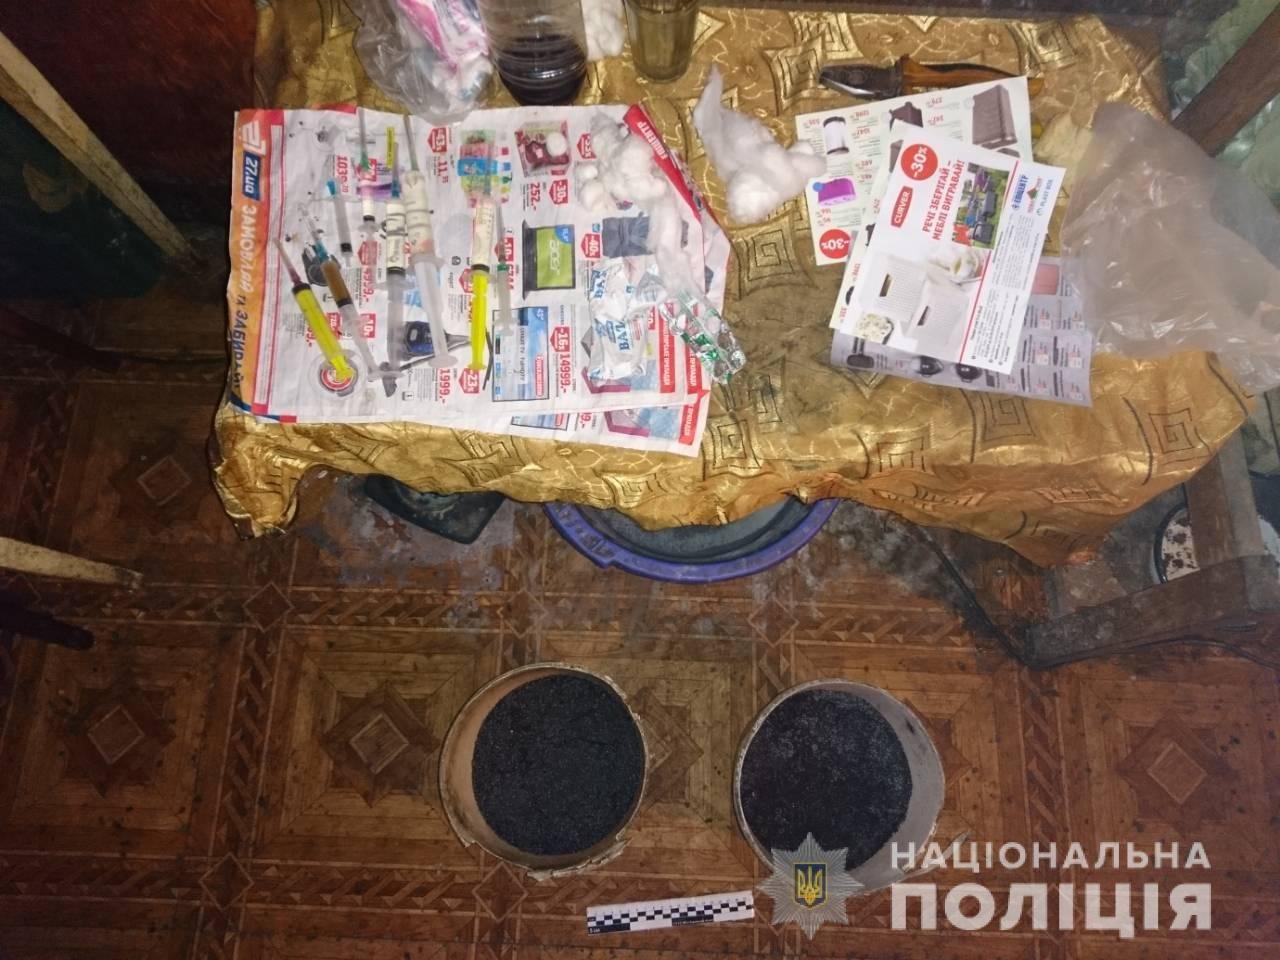 Под Харьковом полицейские обнаружили в частном доме 10 килограммов наркотиков, - ФОТО, фото-1